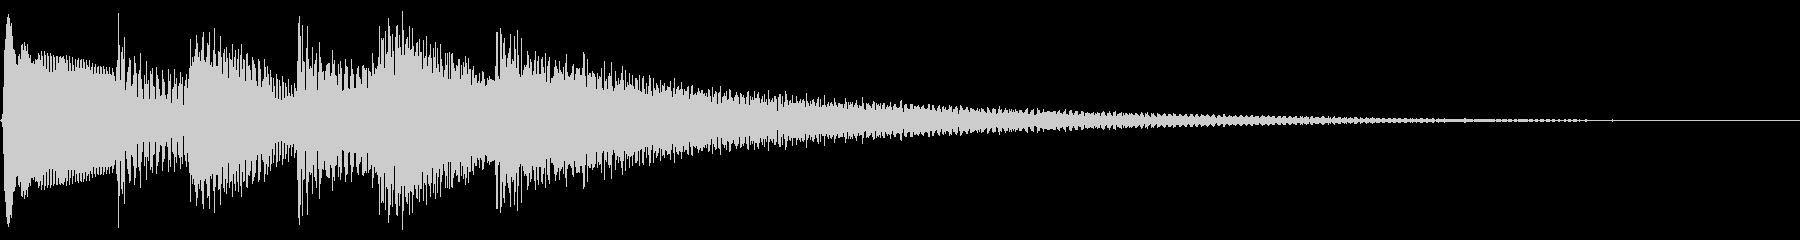 のどか アルペジオ ナイロンギターの未再生の波形